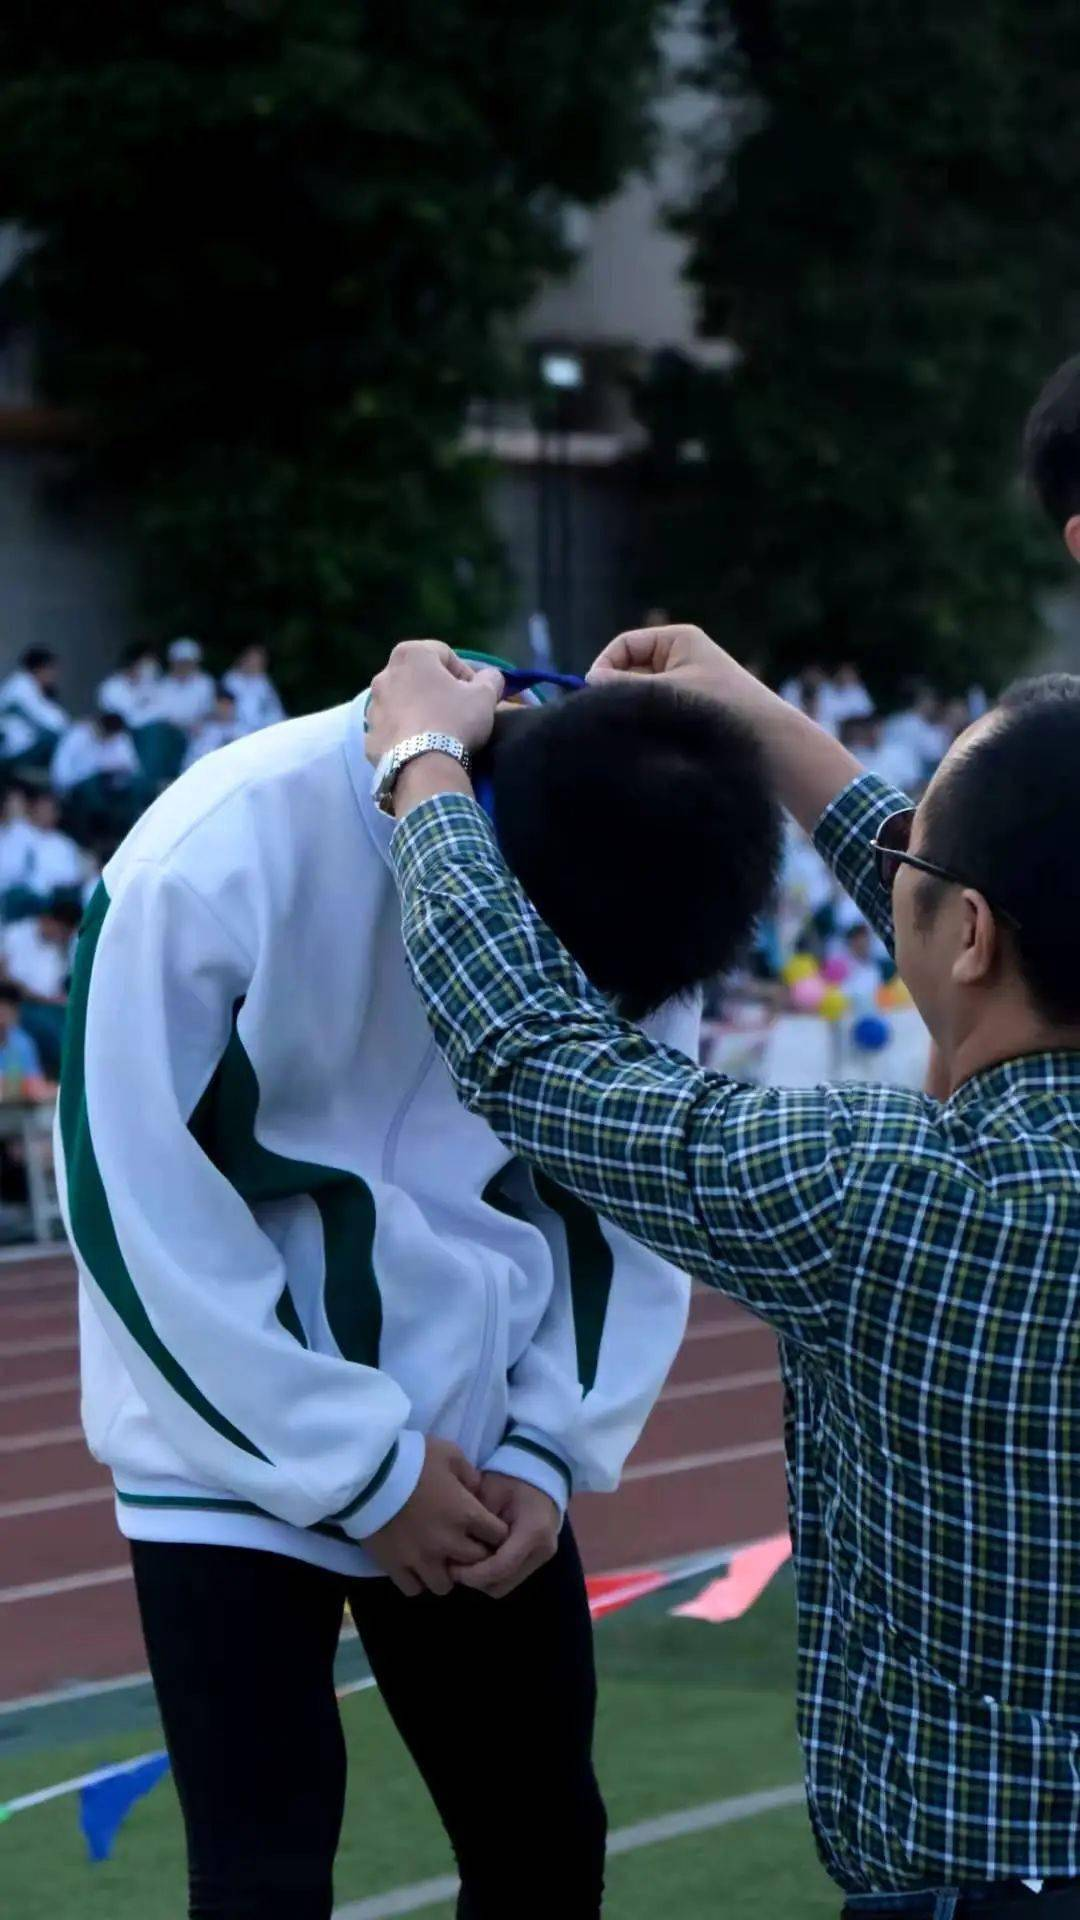 校运会摄影大赛 第三组:哪个学校的作品更吸引你?